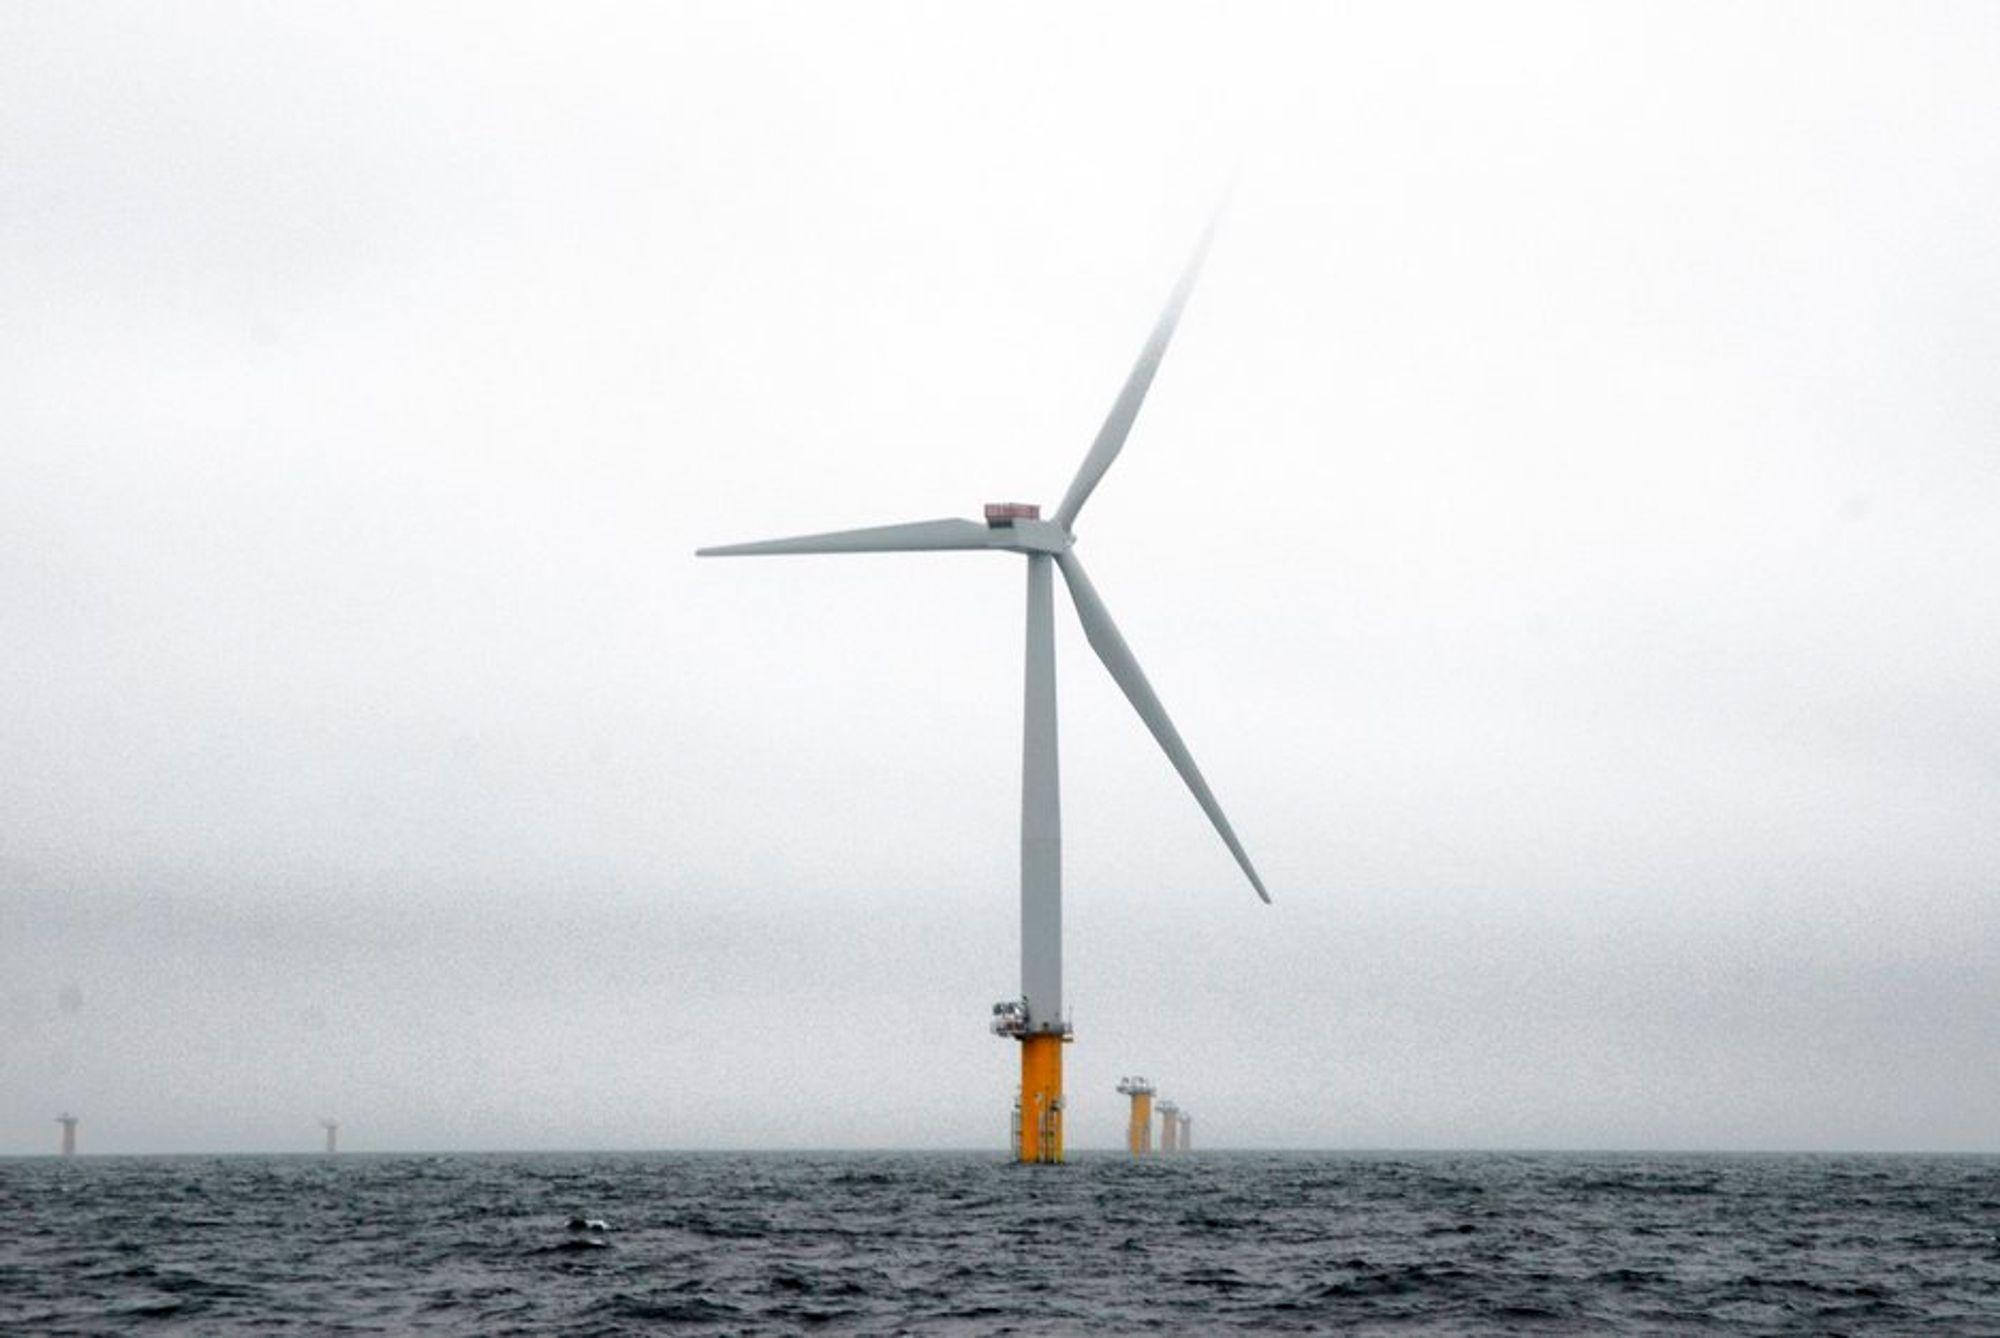 Lønnsomhet: Vindkraftprosjektet Sheringham Shoal er mindre lønnsomt enn Statoils oljeprosjekter.